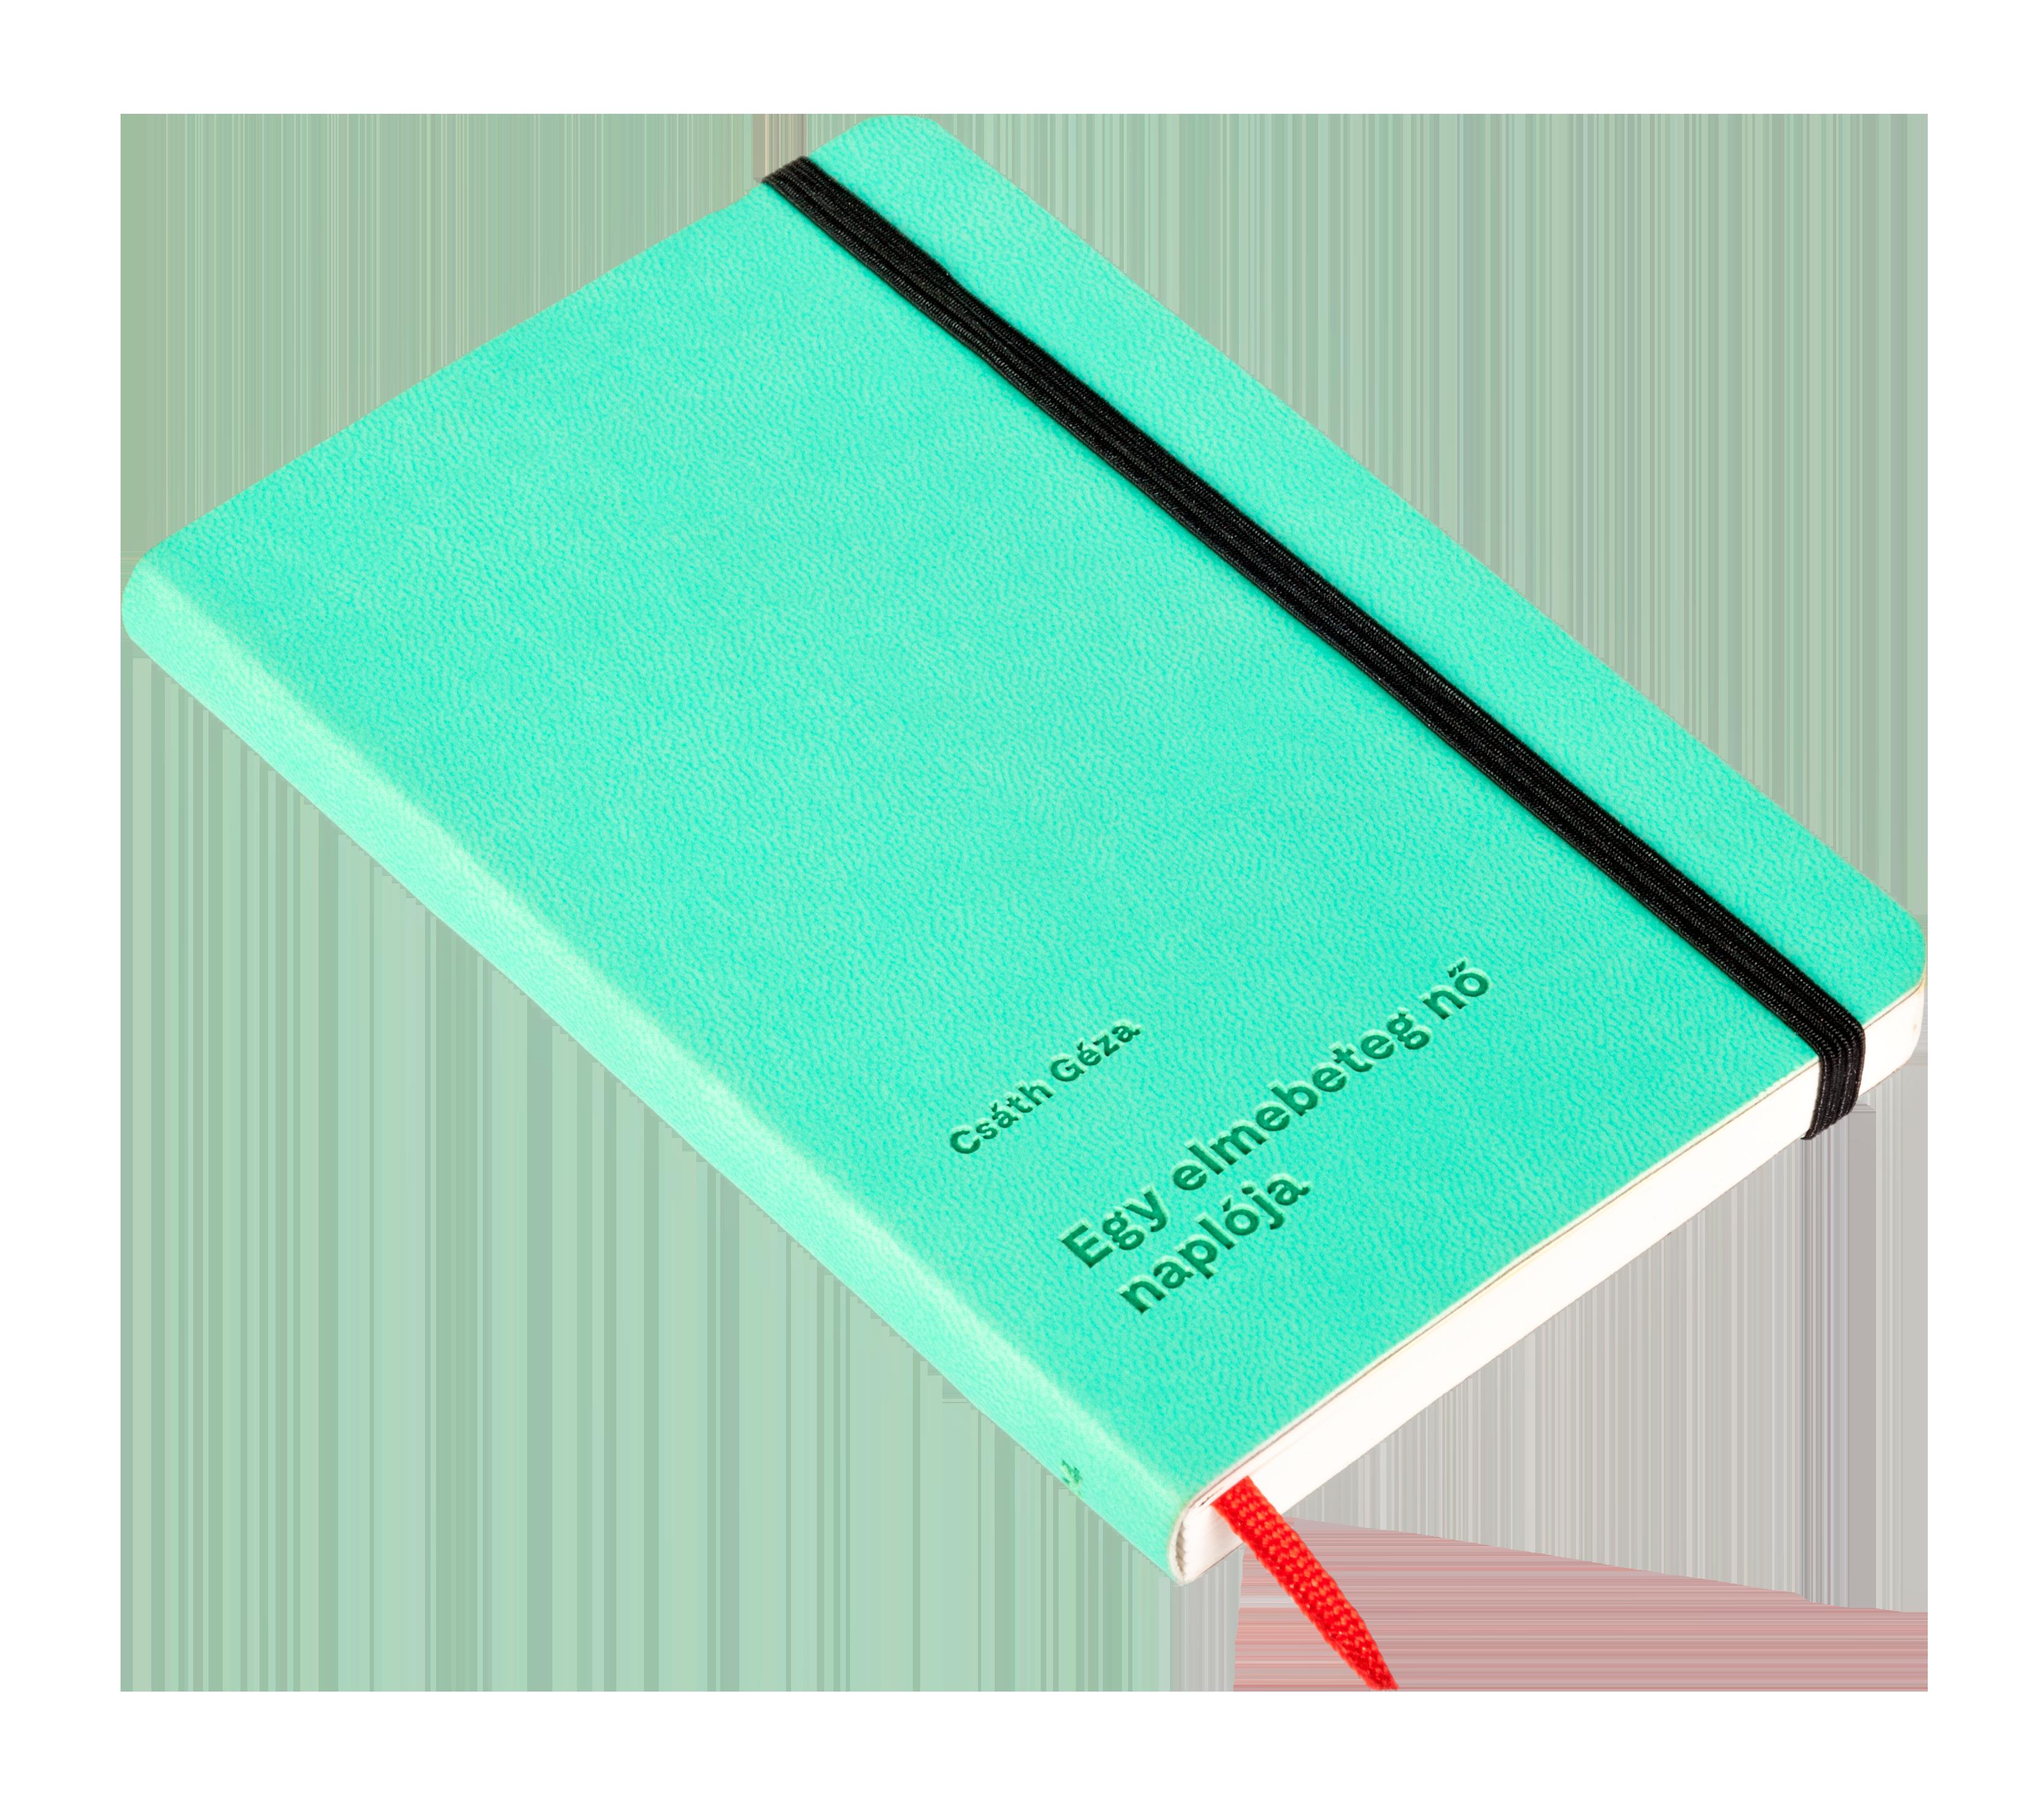 Egy elmebeteg nő naplója